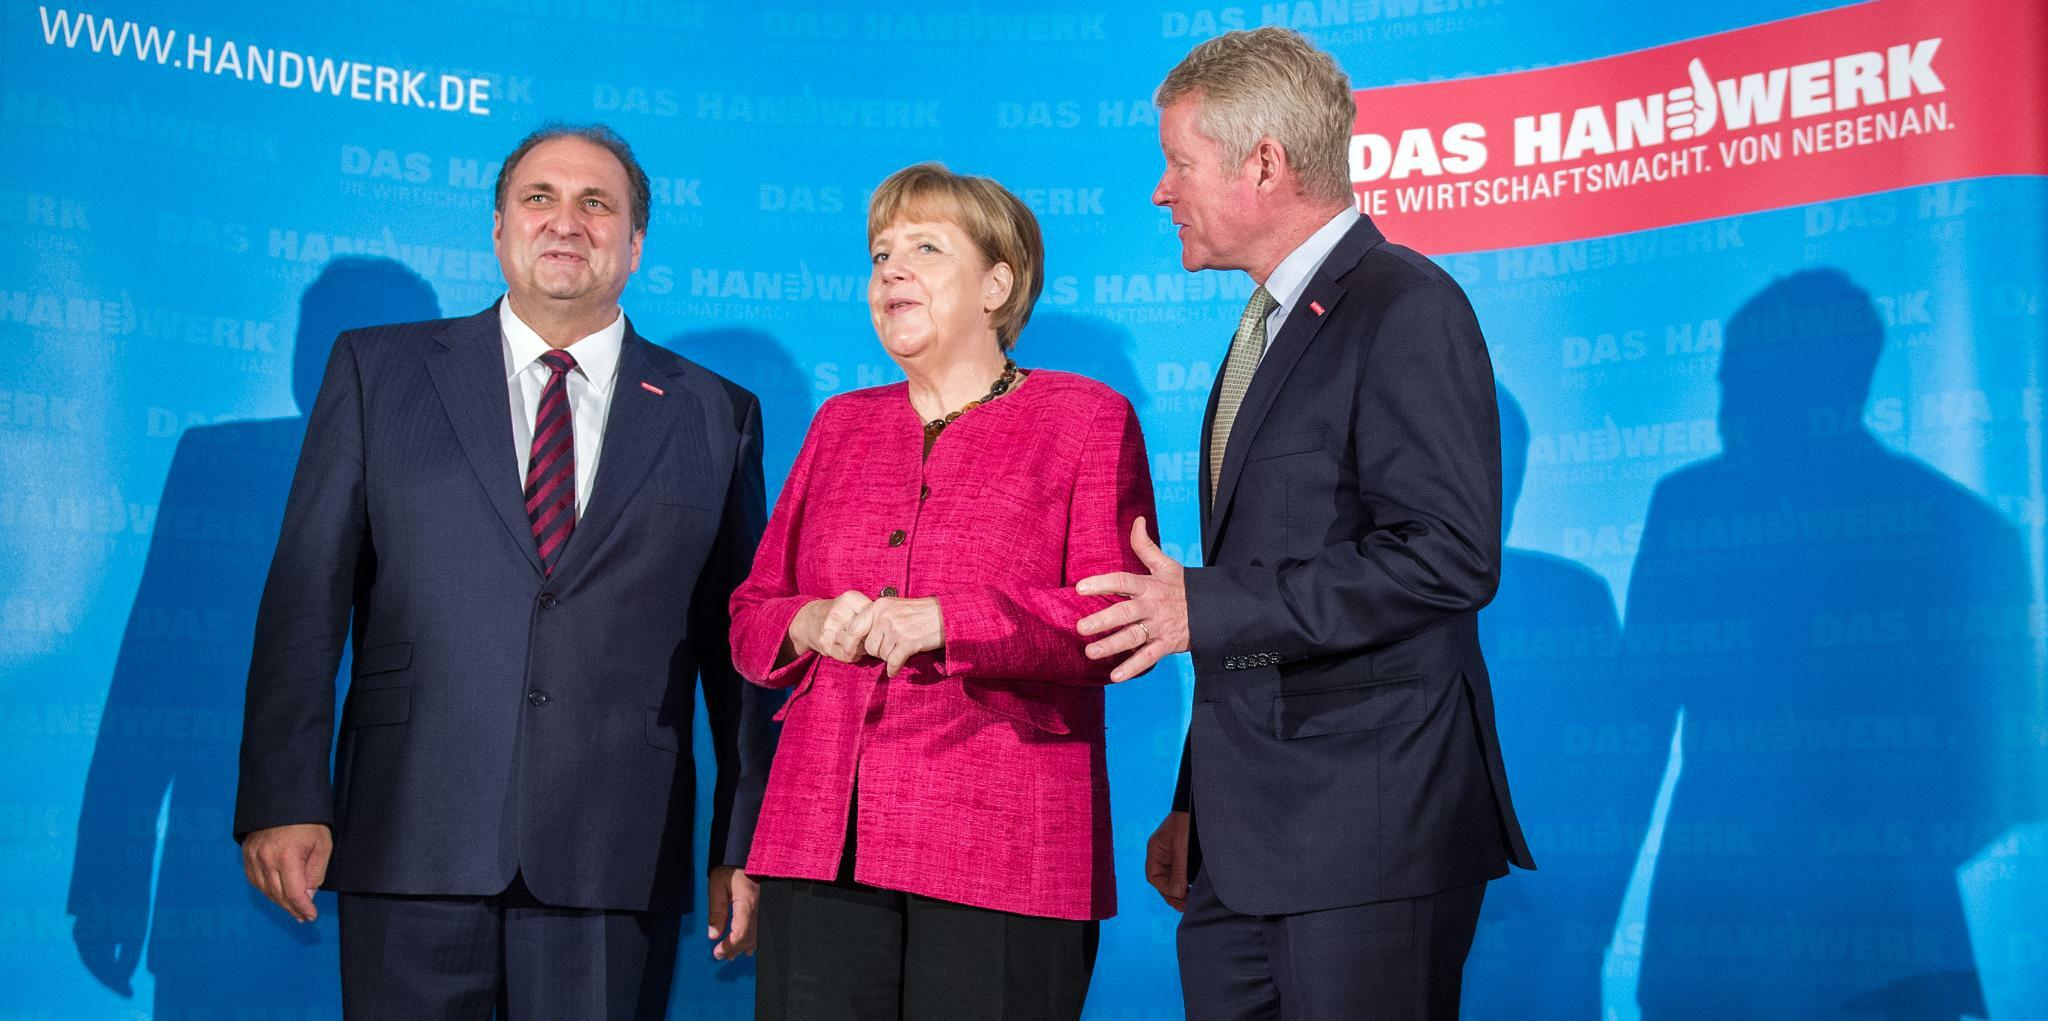 CDU-Parteitag: Wirtschaft erhofft sich politische Kehrtwende